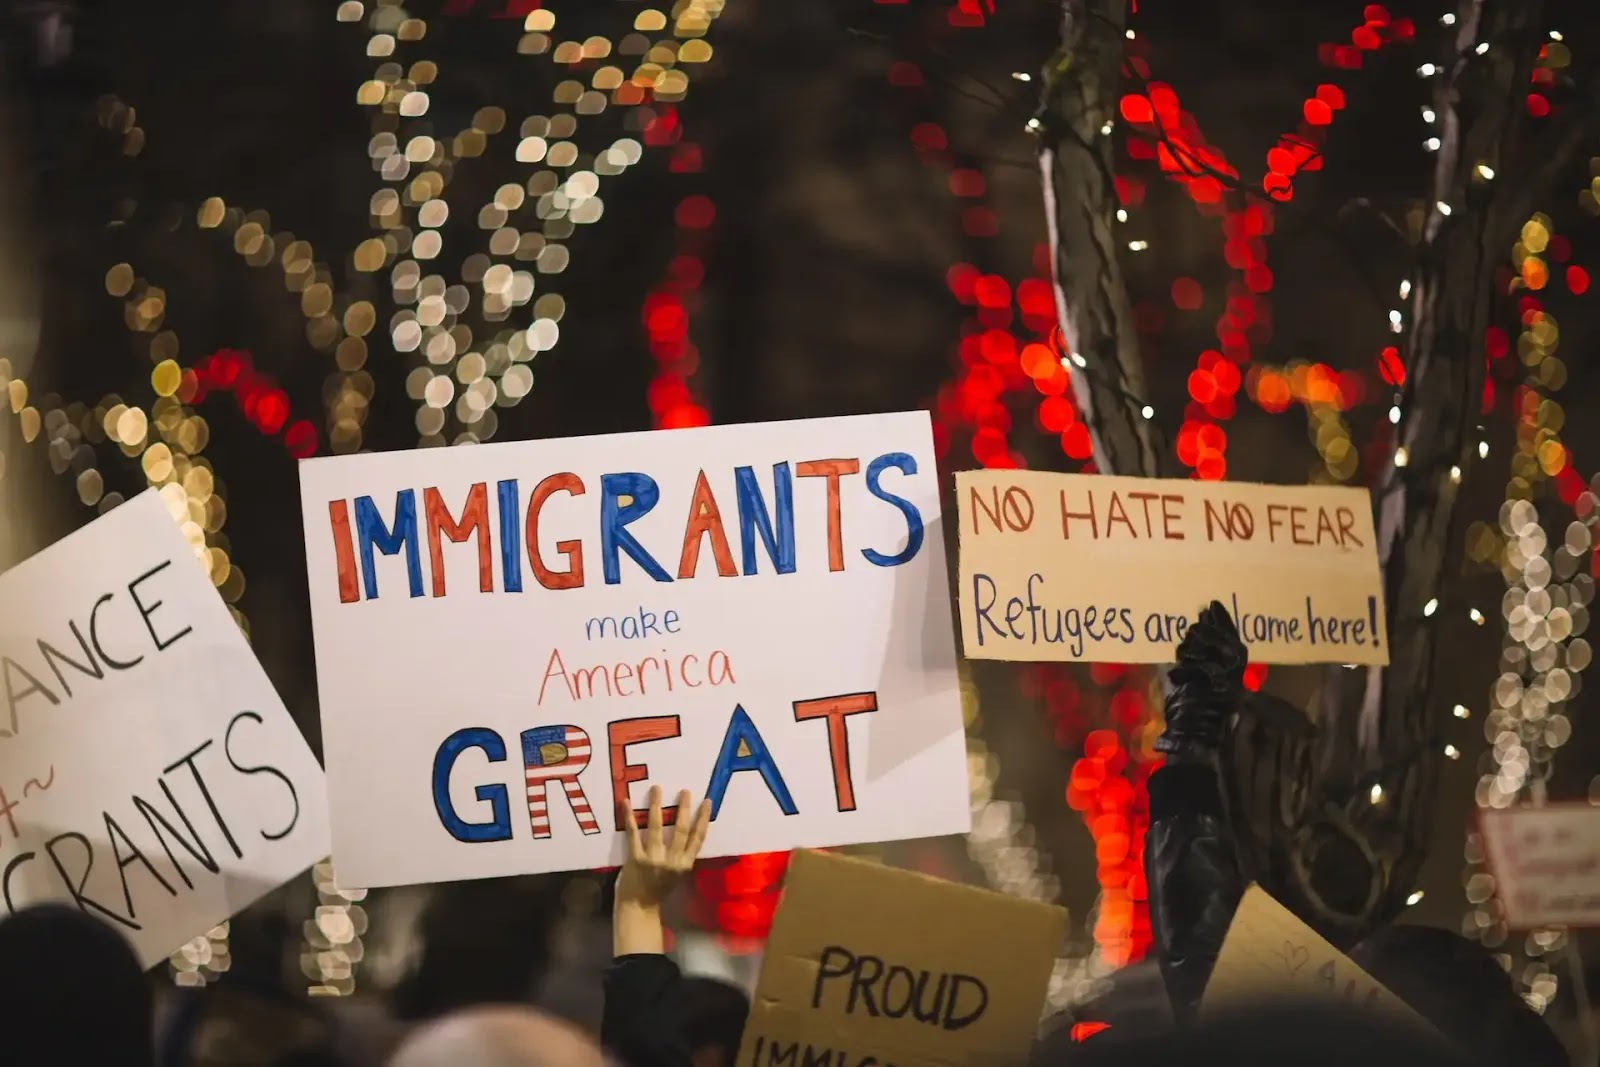 オーストラリア 移民 割合 国別